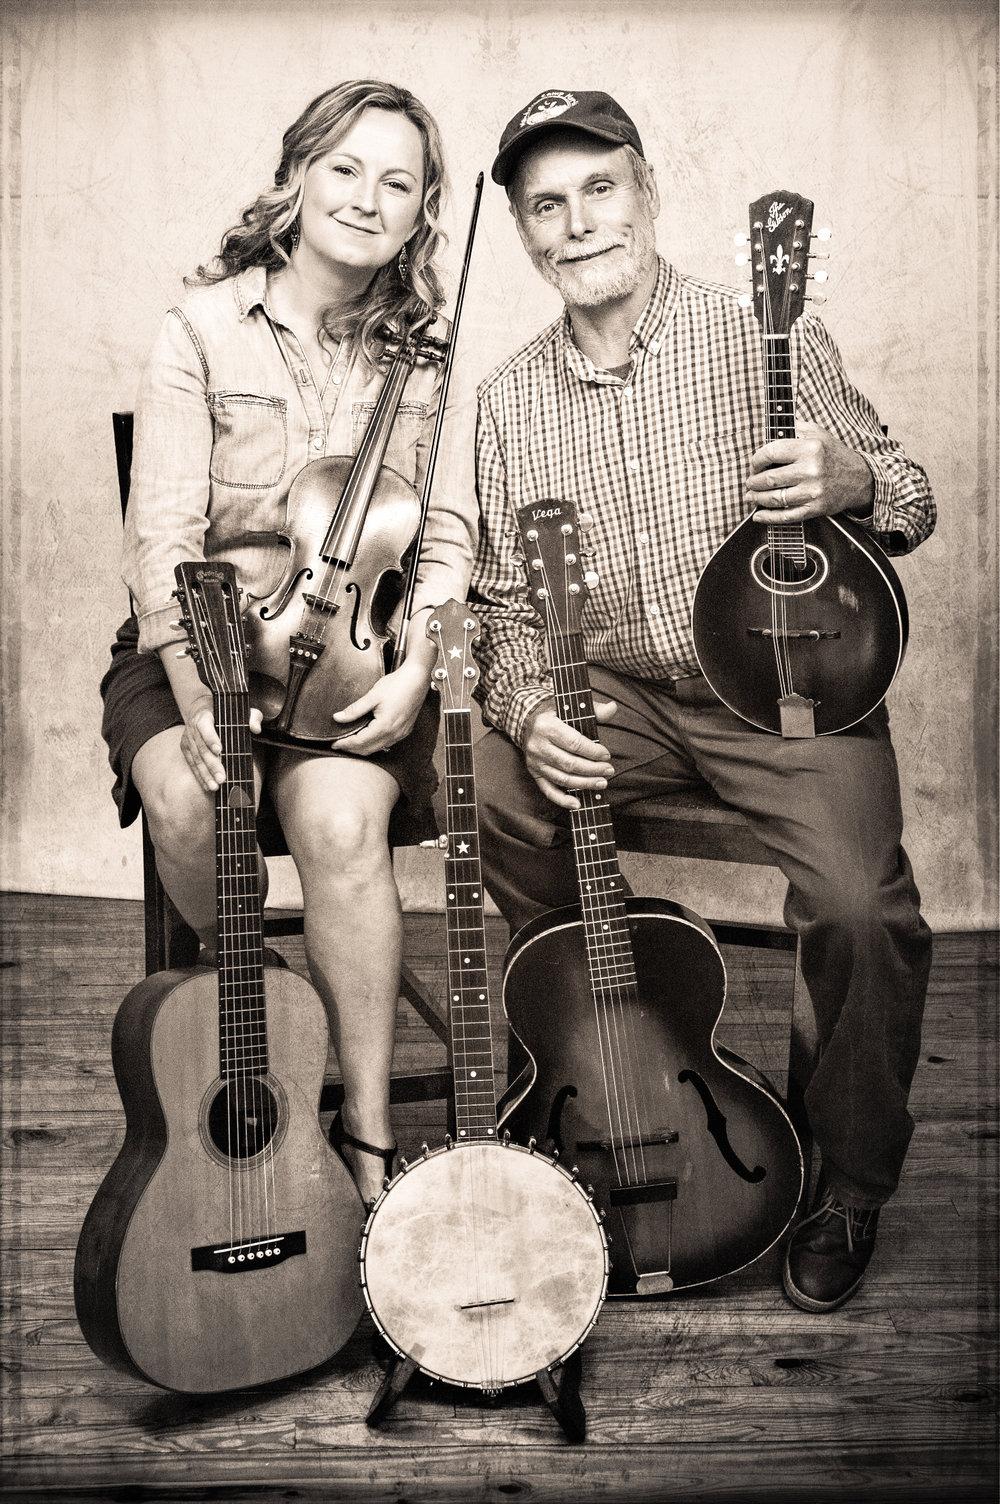 Erynn & Carl 2015 w 5 instruments bw hr_Moser & Jackson Photography copy.jpg